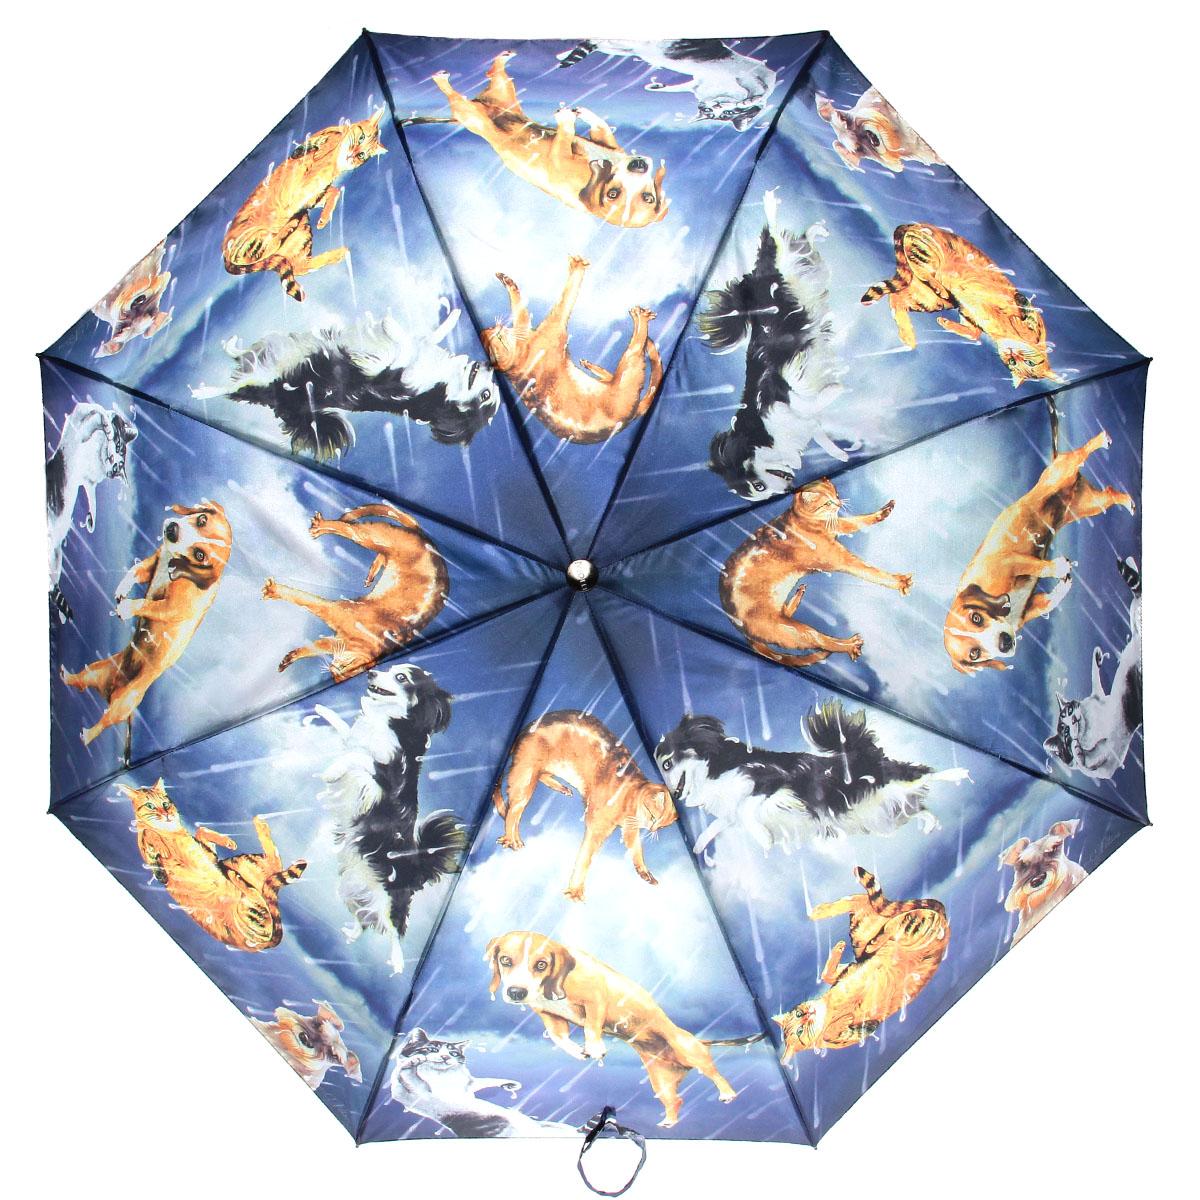 Зонт женский Flioraj Коты и собачки, автомат, 3 сложения, синий, оранжевый003-12 FJСтильный автоматический зонт Flioraj Коты и собачки в 3 сложения даже в ненастную погоду позволит вам оставаться стильной и элегантной. Каркас зонта из анодированной стали состоит из восьми карбоновых спиц, оснащен удобной прорезиненной рукояткой. Карбоновые спицы помогут выдержать натиск ураганного ветра. Зонт снабжен системой антиветер. Зонт имеет полный автоматический механизм сложения: купол открывается и закрывается нажатием кнопки на рукоятке, стержень складывается вручную до характерного щелчка, благодаря чему открыть и закрыть зонт можно одной рукой, что чрезвычайно удобно при входе в транспорт или помещение. Купол зонта выполнен из прочного полиэстера и оформлен оригинальным изображением собак и кошек. Закрытый купол фиксируется хлястиком на кнопке. На рукоятке для удобства есть небольшой шнурок-петля, позволяющий надеть зонт на руку тогда, когда это будет необходимо. К зонту прилагается чехол.